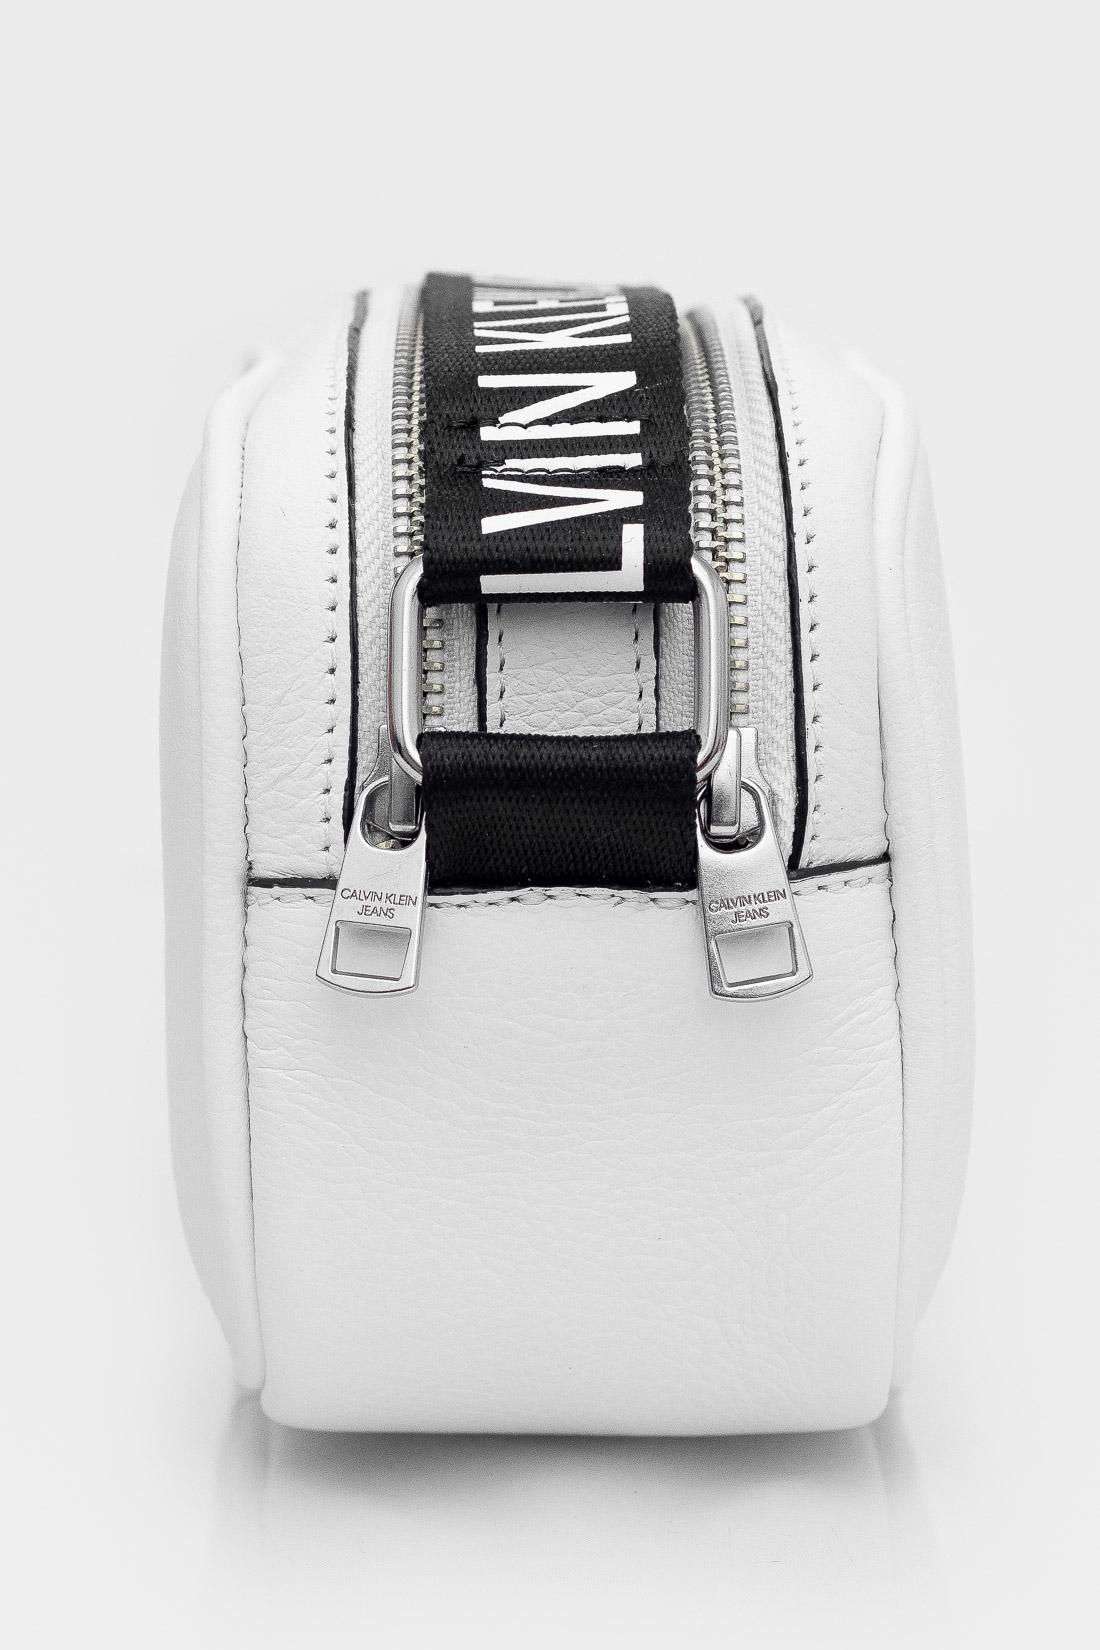 Bolsa Calvin Klein Camera Bag Logo Alça